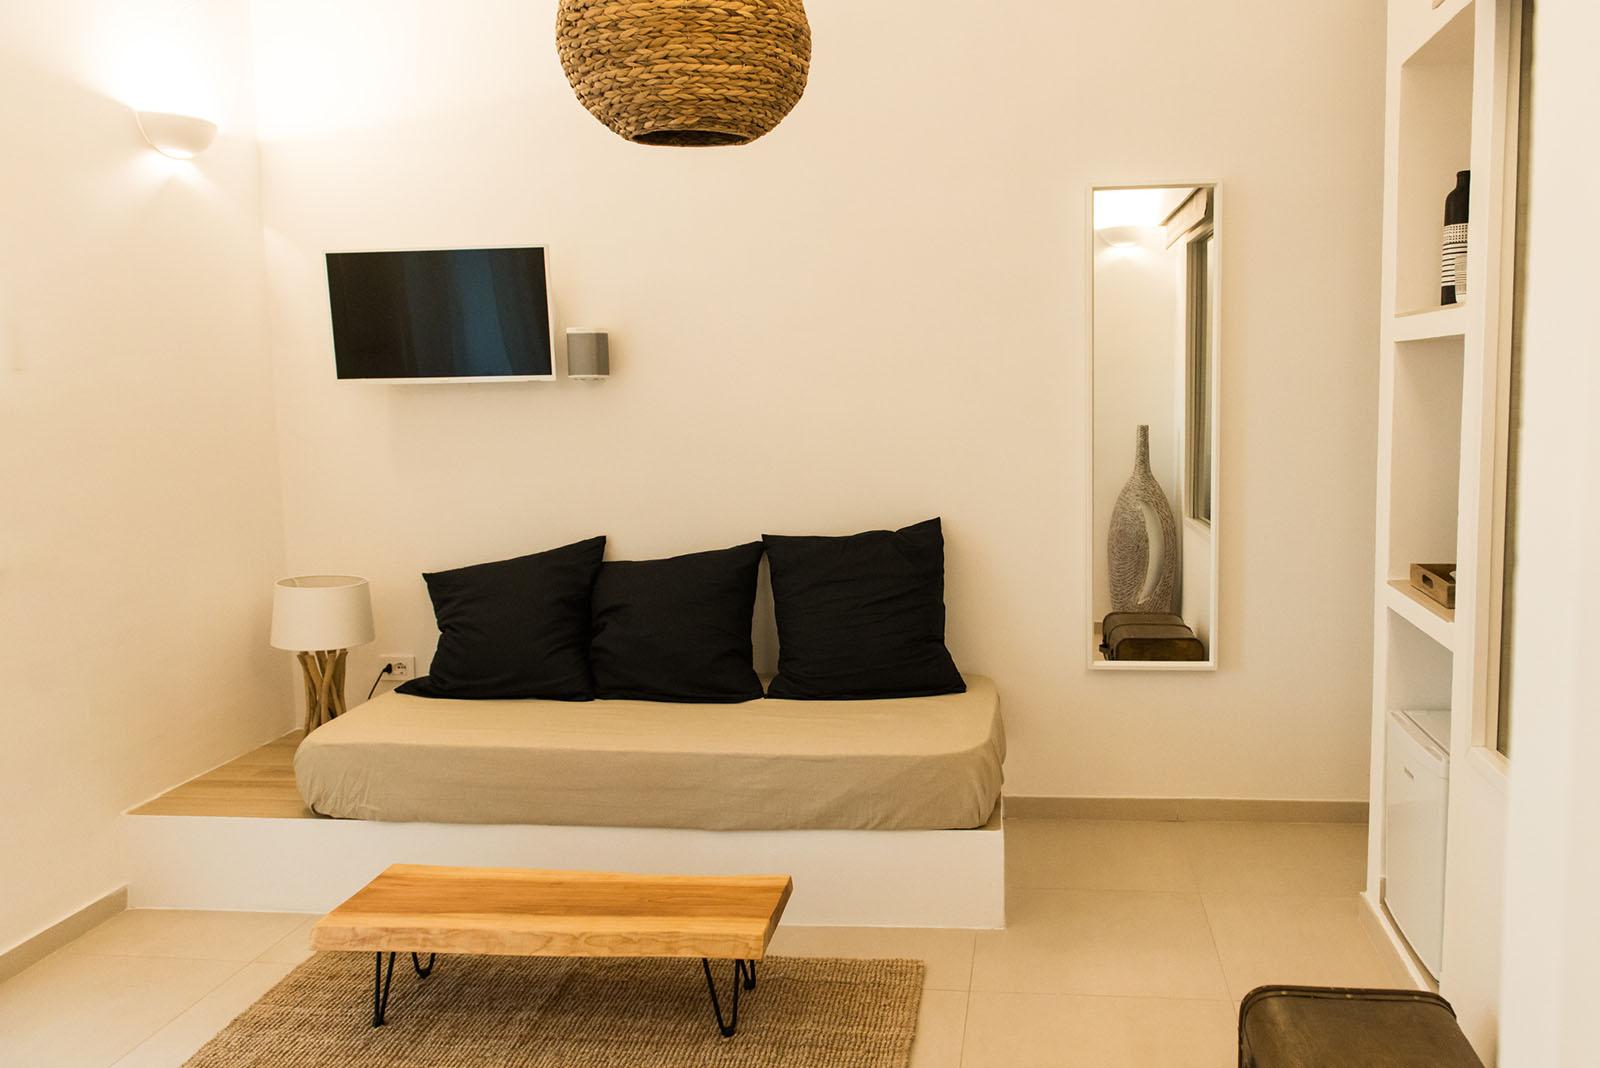 Realizzazione impianti domotici la mia casa domotica